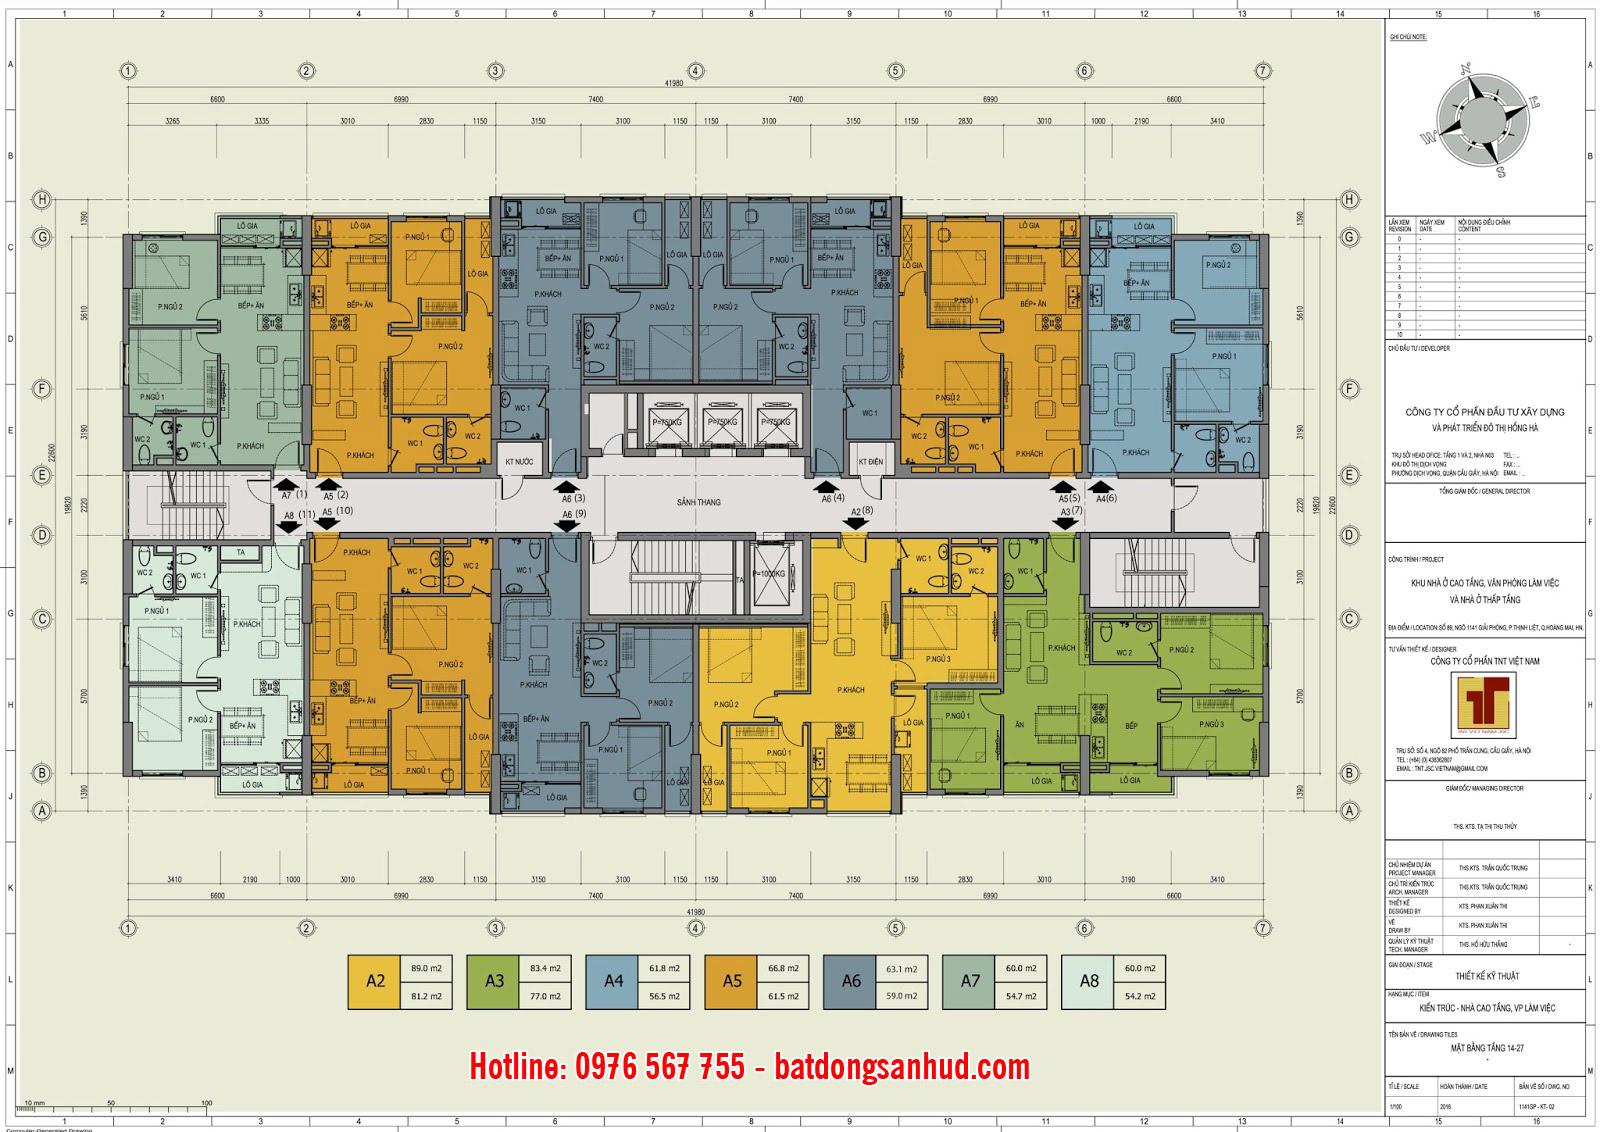 Mặt bằng căn hộ tầng 14 đến 27 Hồng Hà Tower